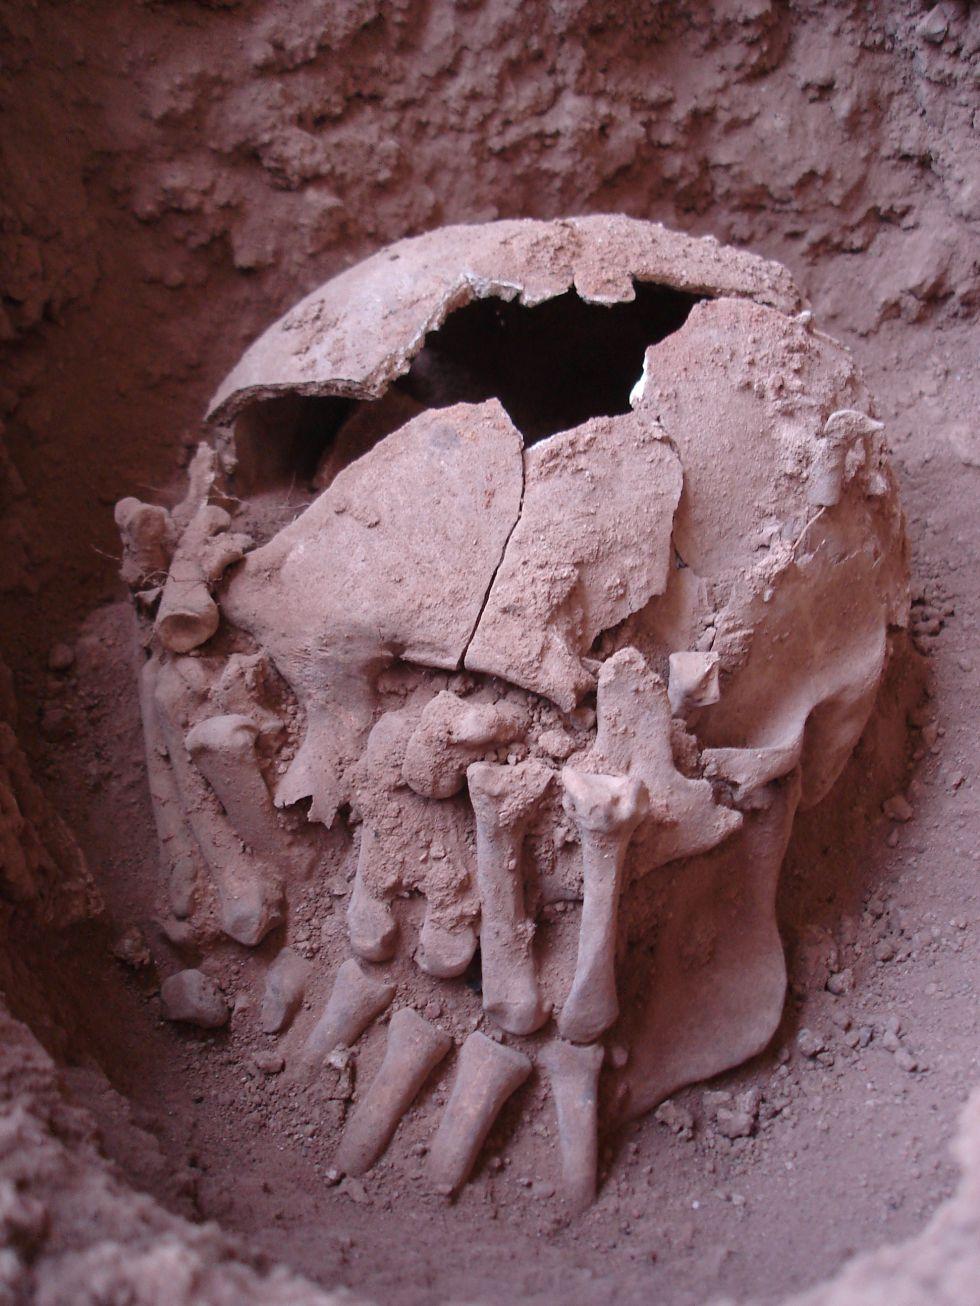 Los restos del decapitado hallados en la cueva de Lapa do Santo